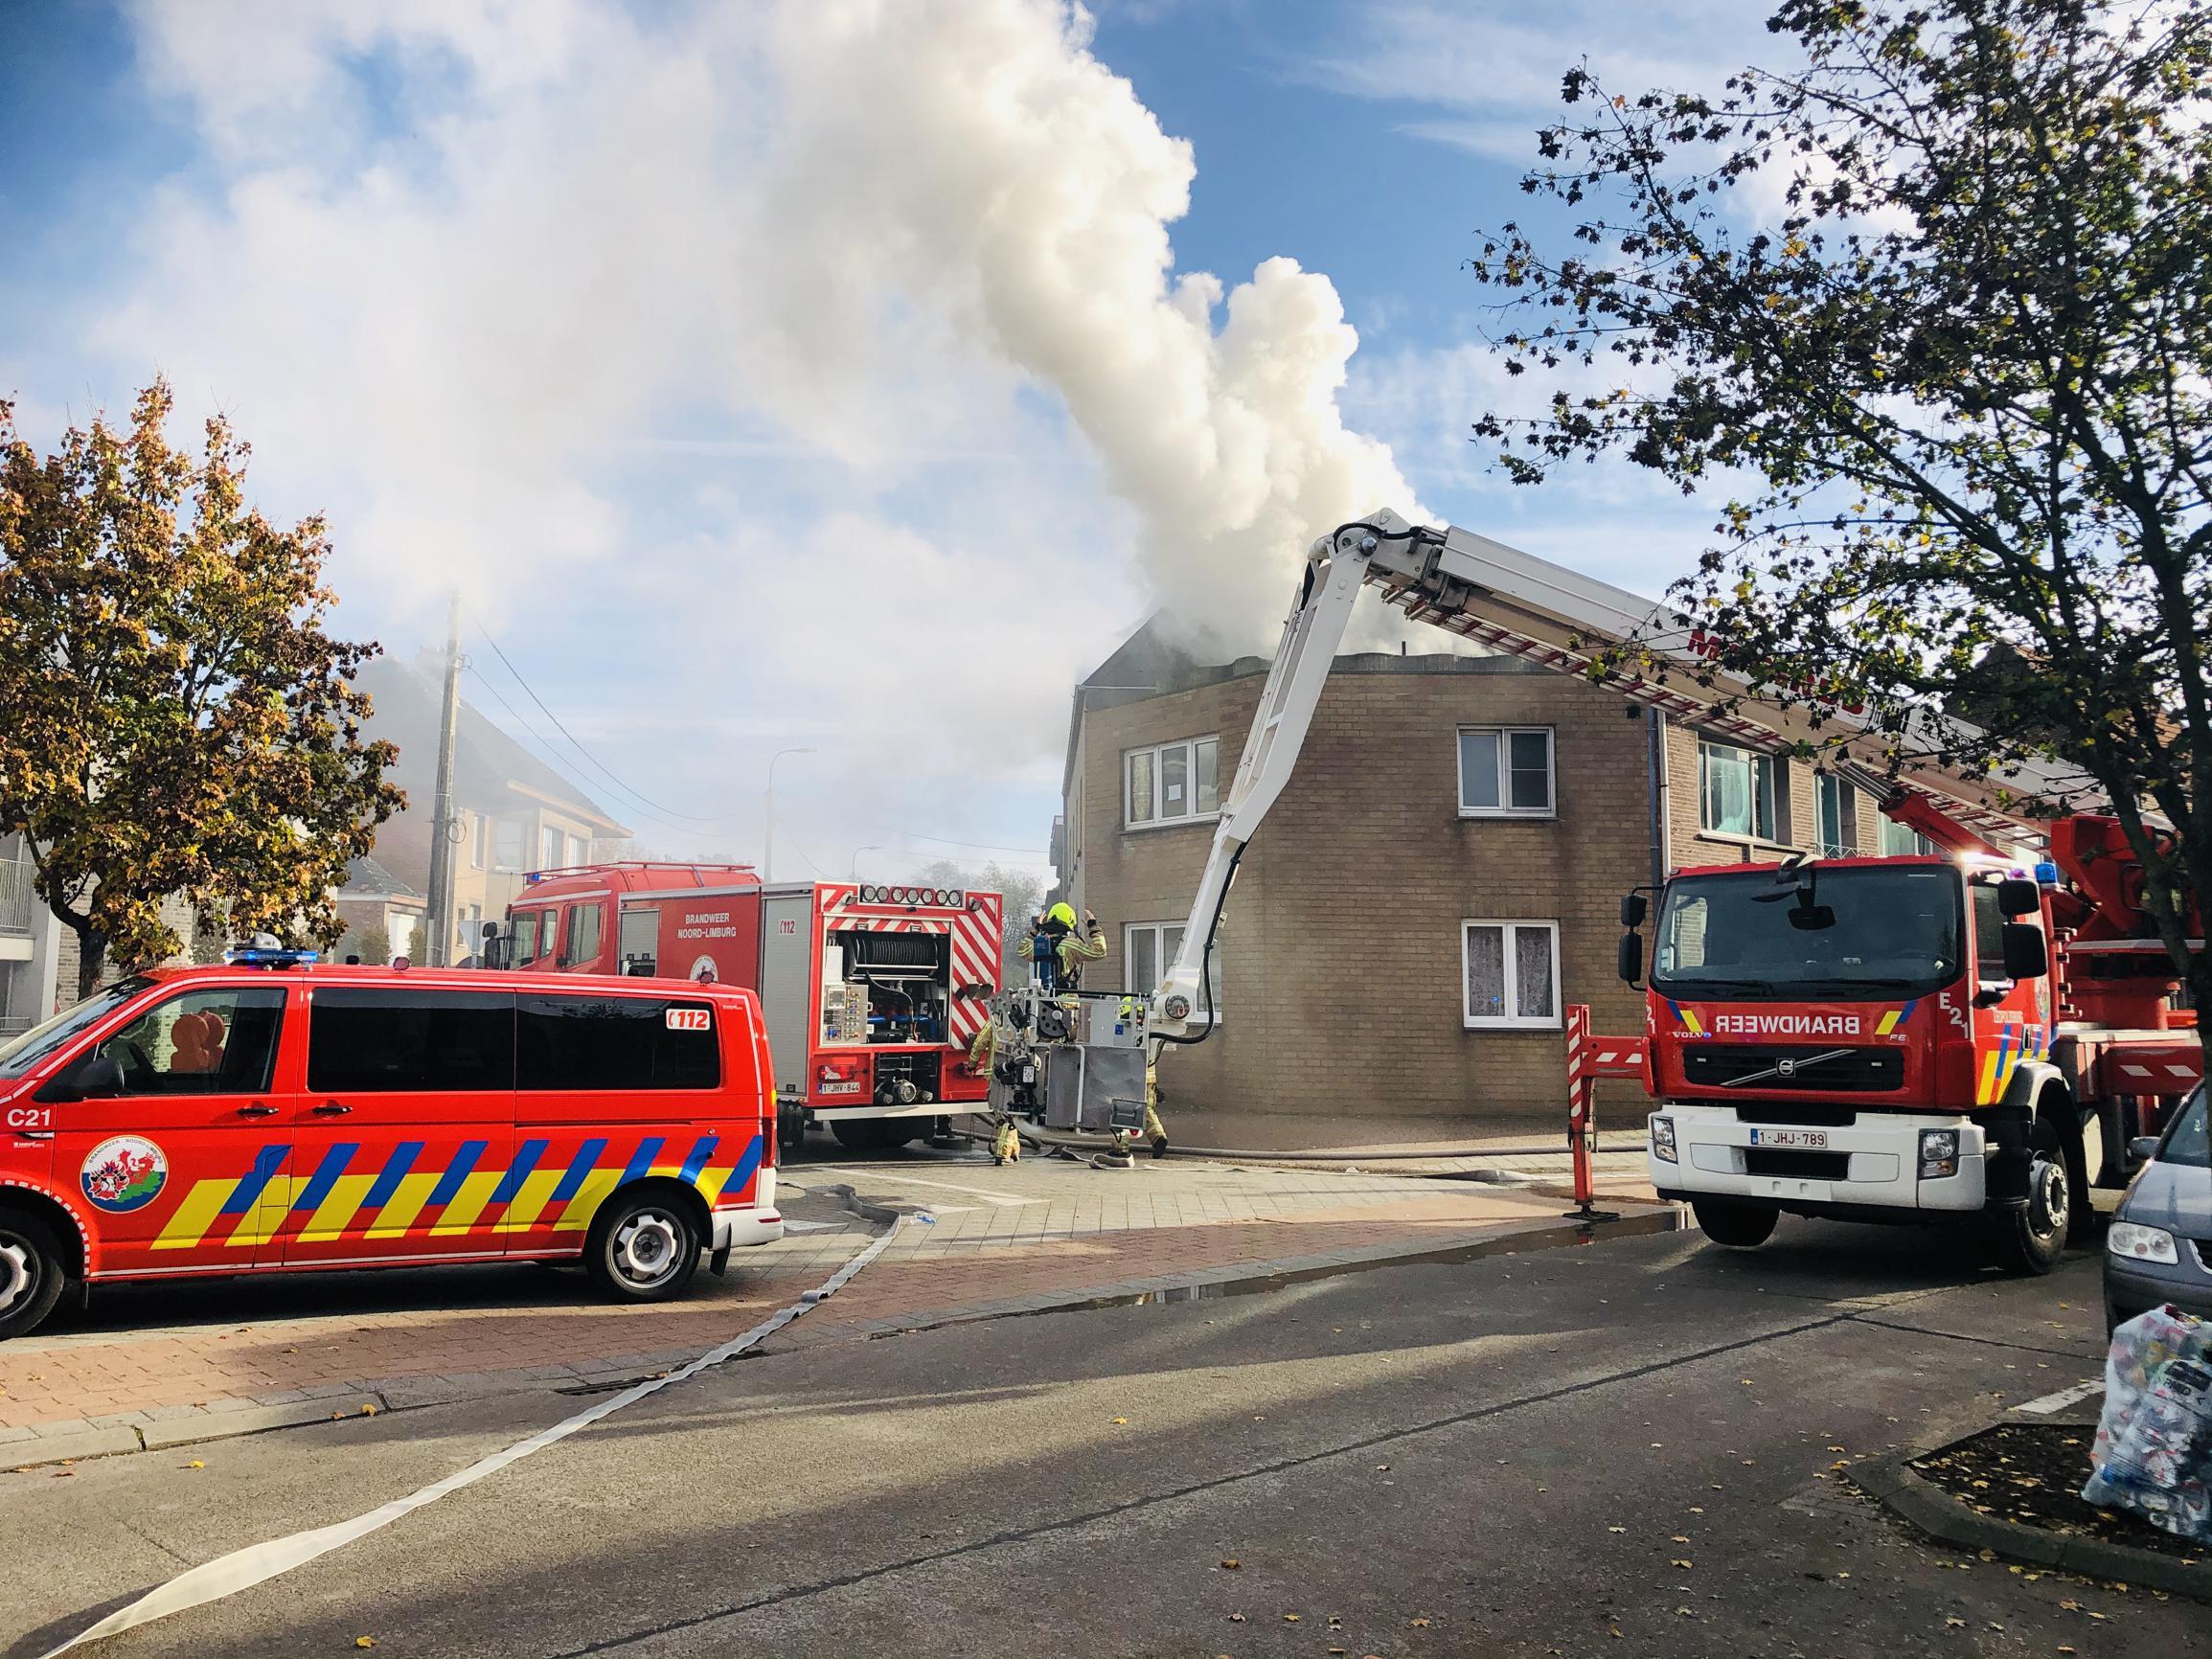 Bewoner zwaargewondna brand in appartement (Leopoldsburg) - Het Belang van Limburg